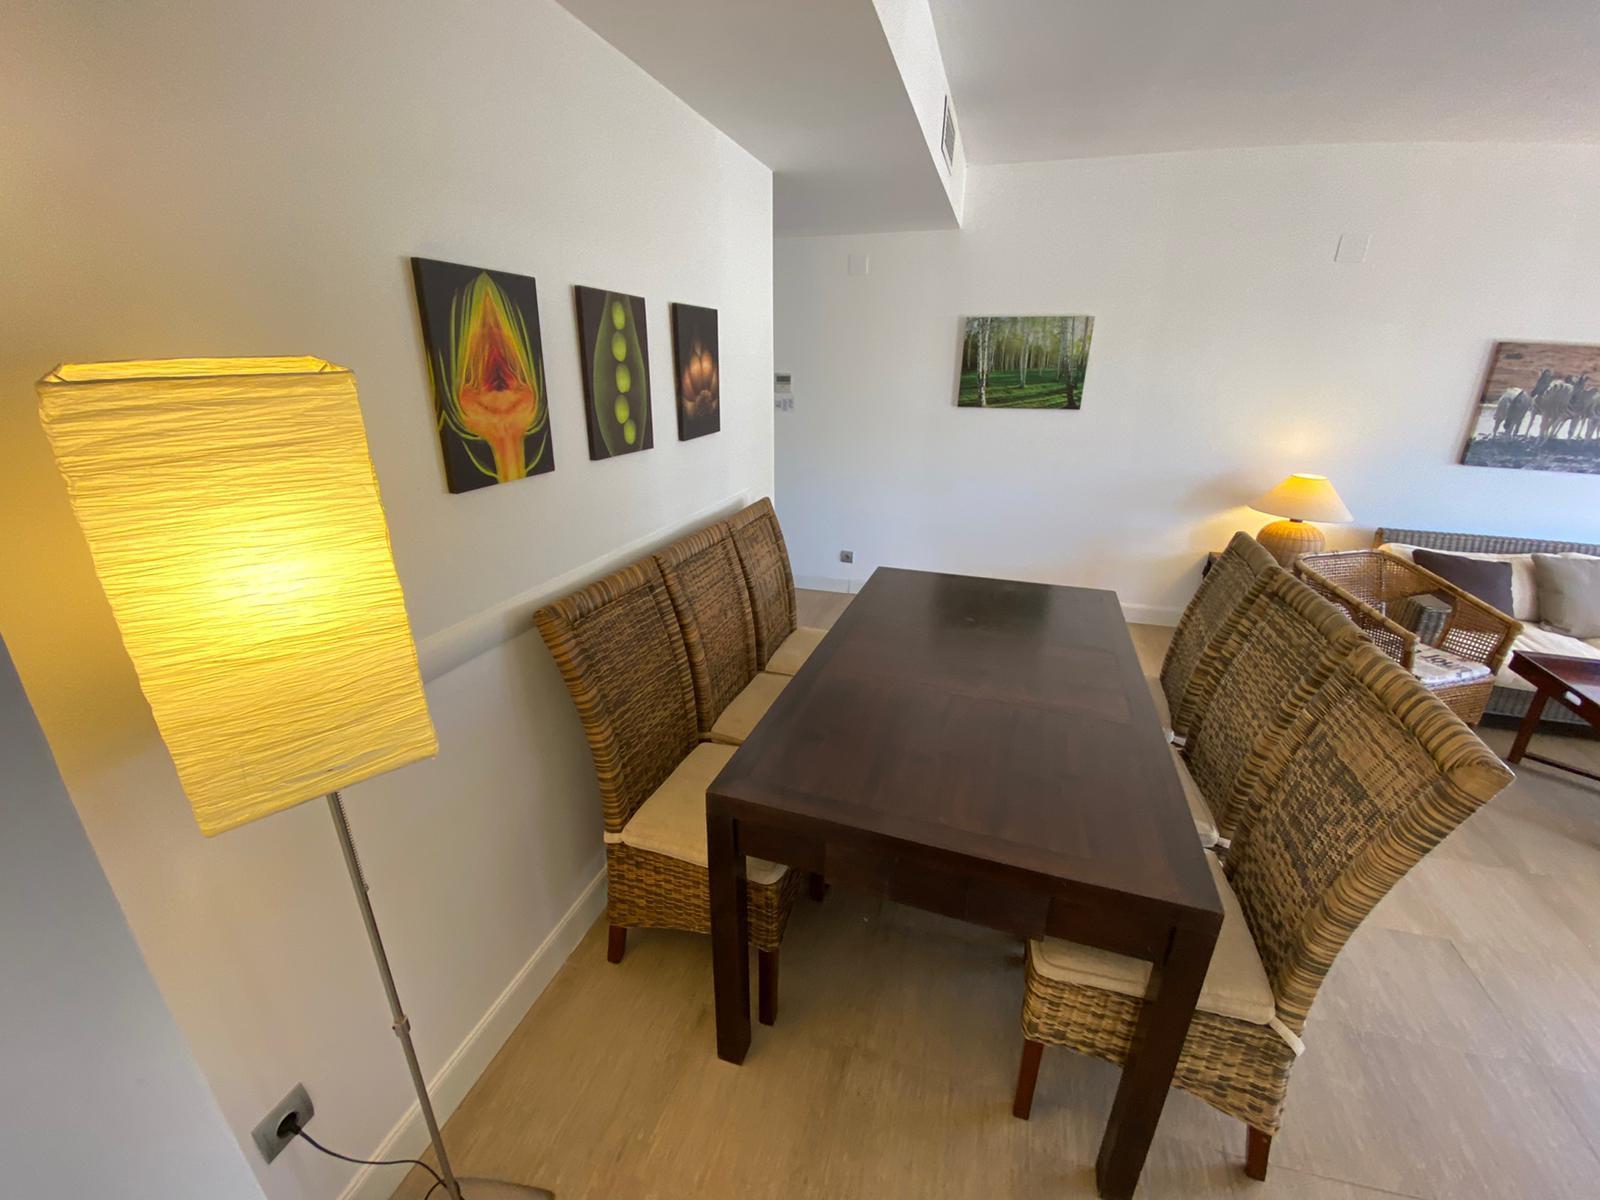 Imagen 7 del Apartamento Turístico, Ático 6 Poniente (3d+2b), Punta del Moral (HUELVA), Paseo de la Cruz nº22